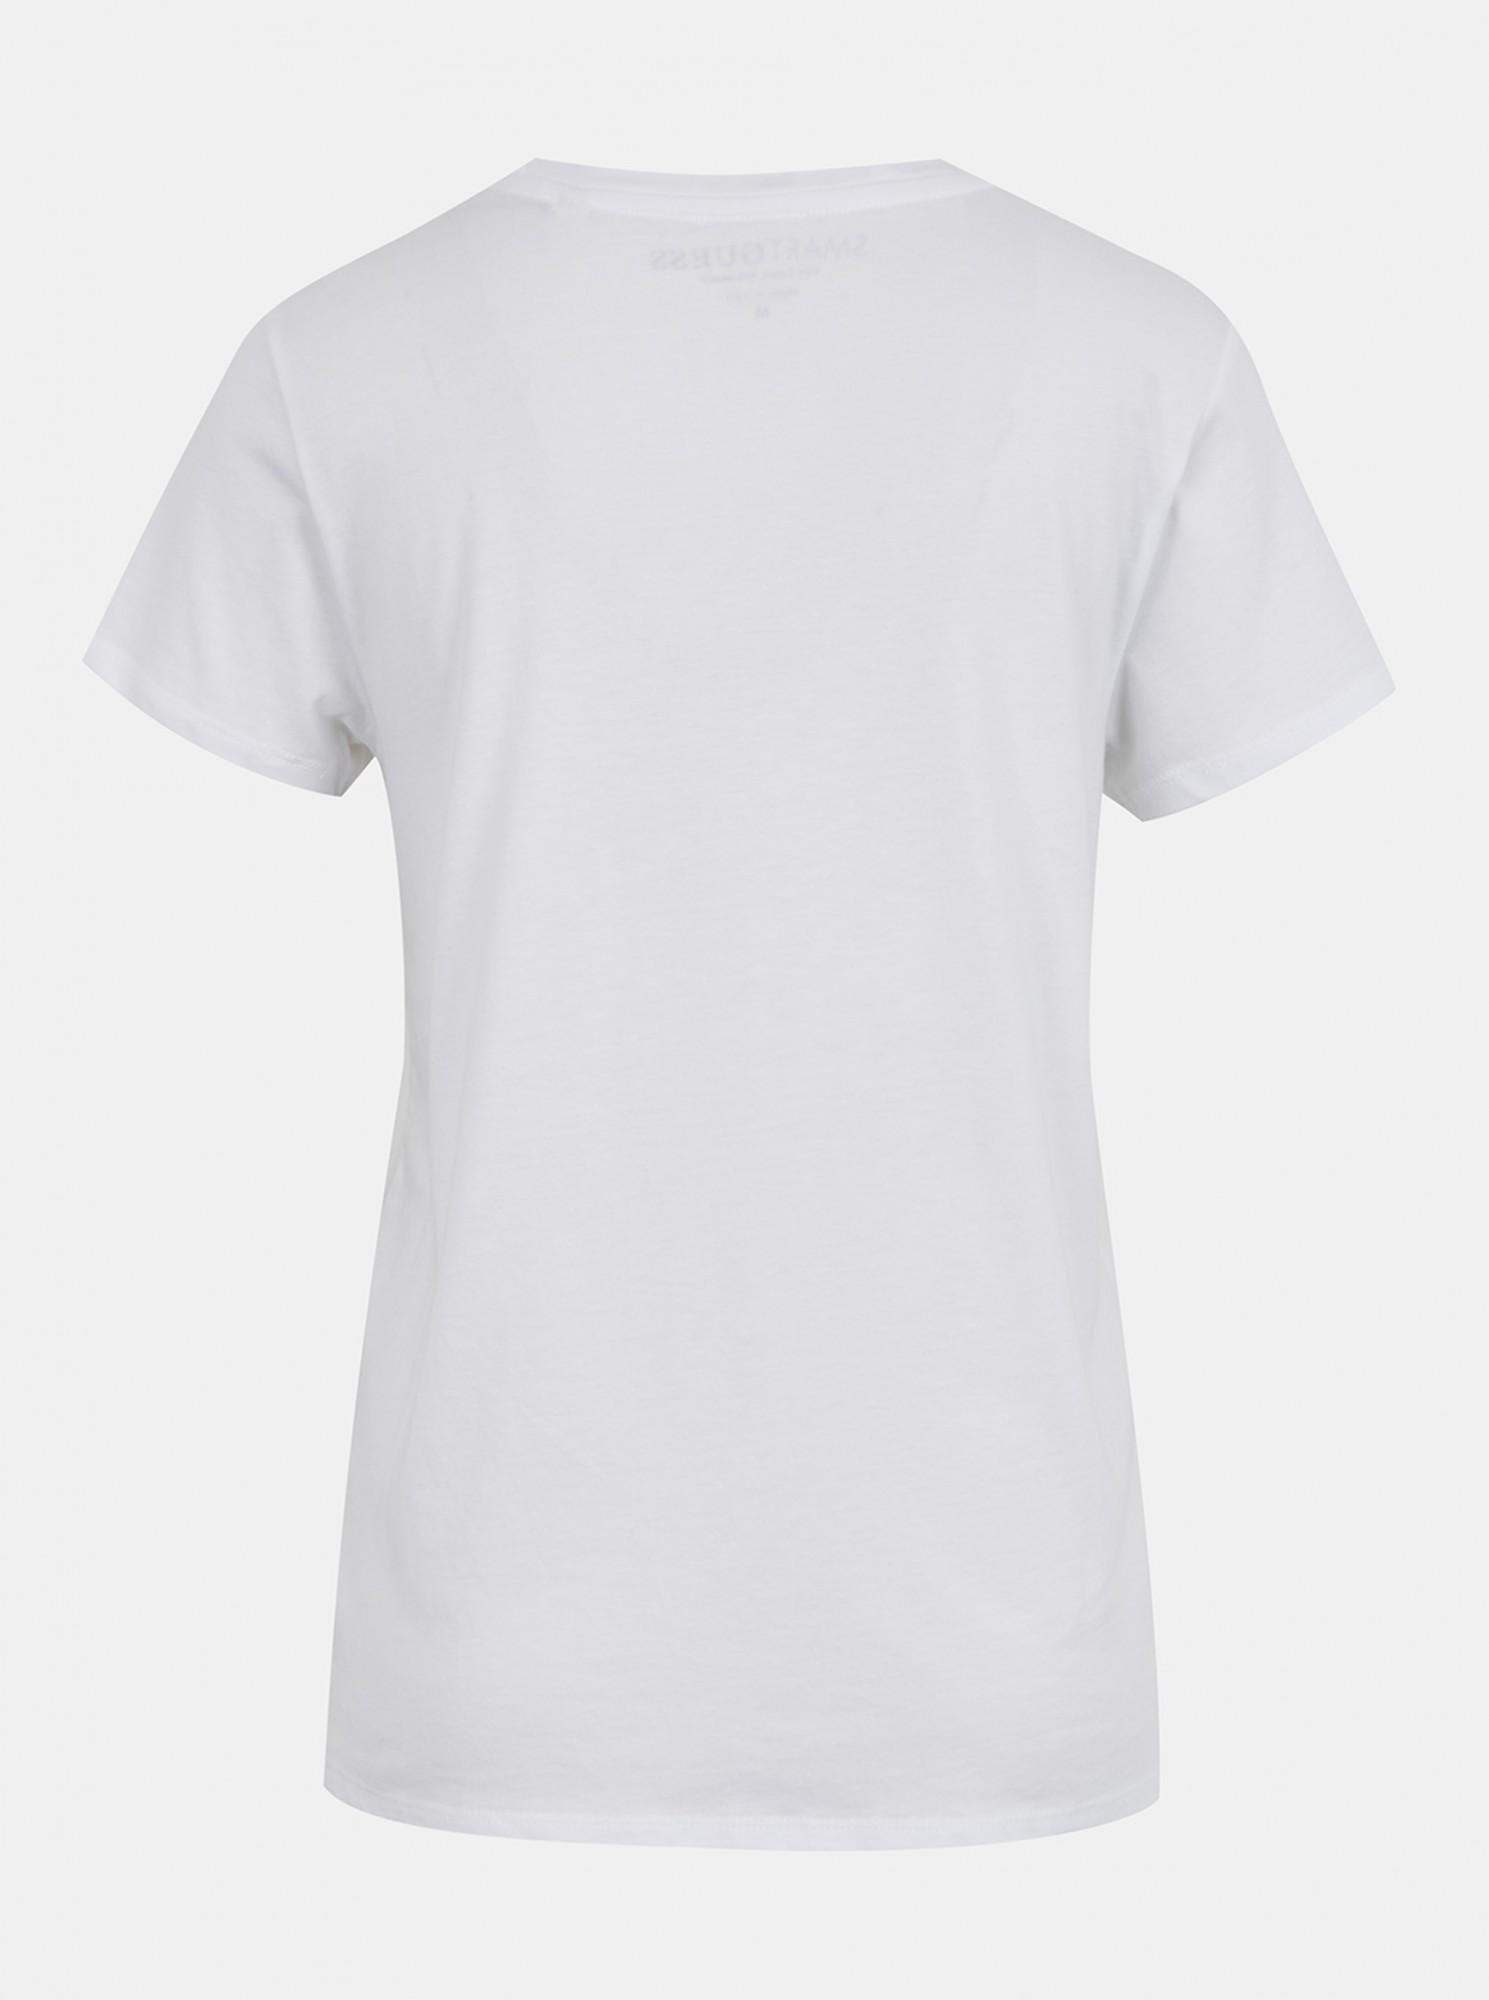 Guess bílé tričko Odette Tee s potiskem